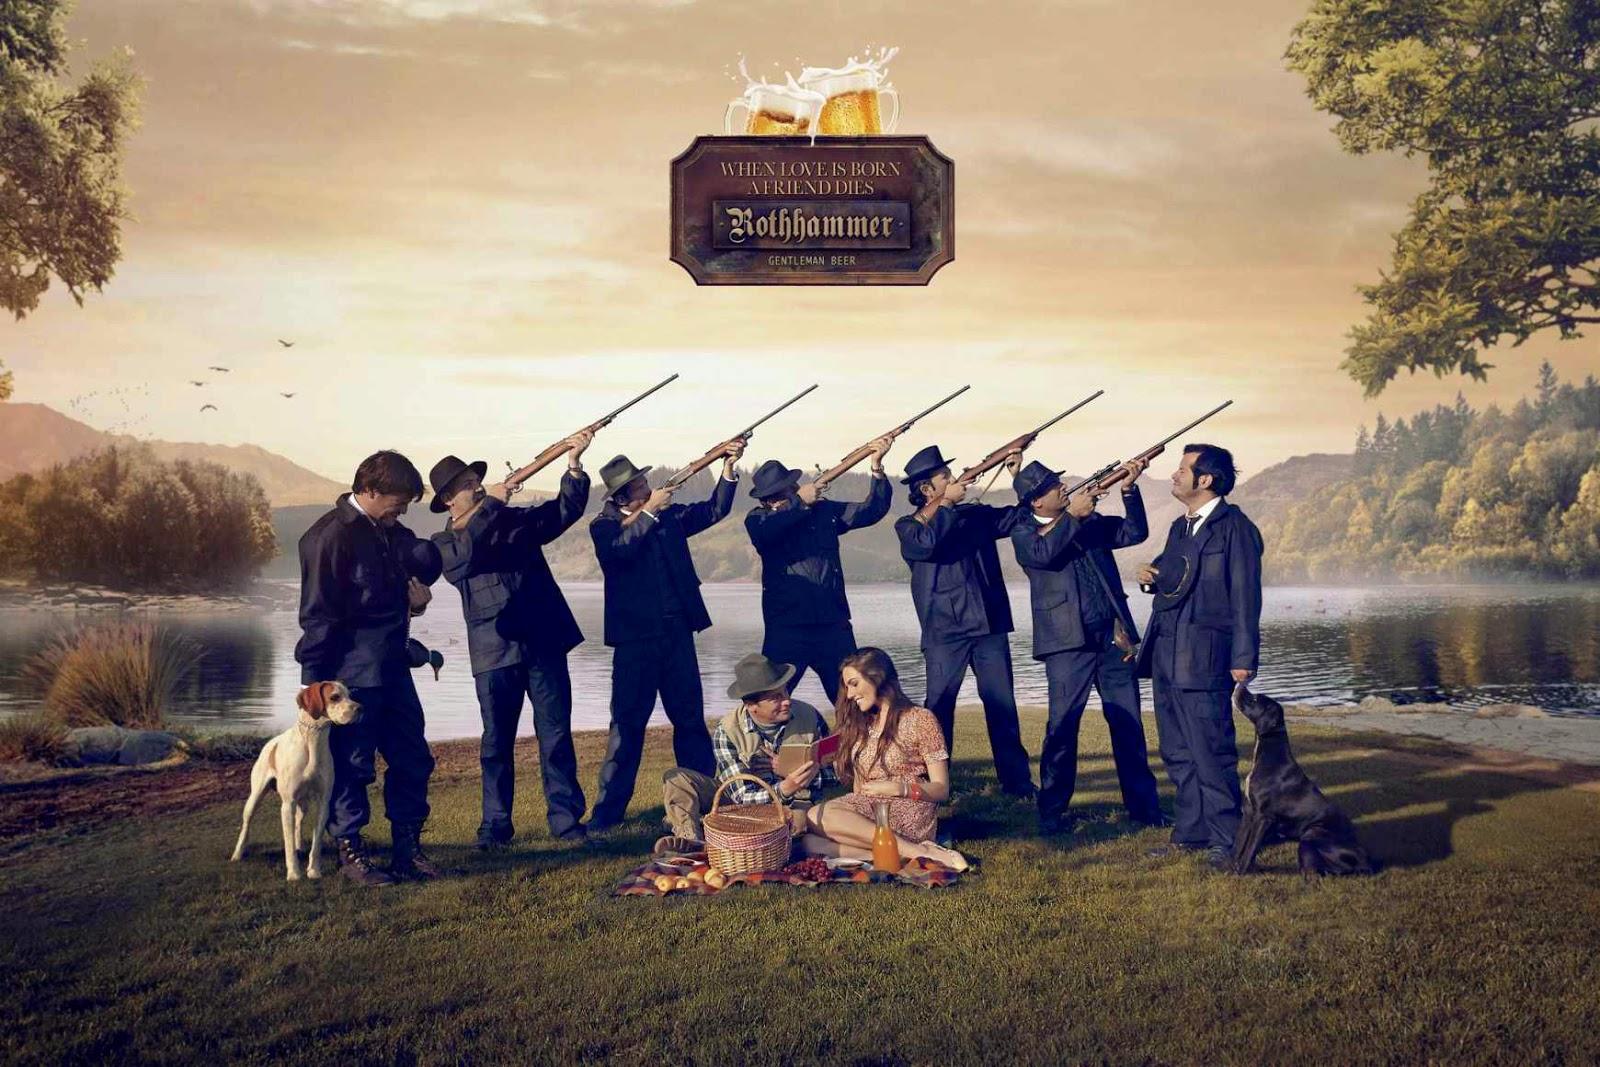 Série de propagandas da cerveja chilena Rothammer. Eles associaram o início de um namoro com a perda de um amigo. - Peça: Caçadores